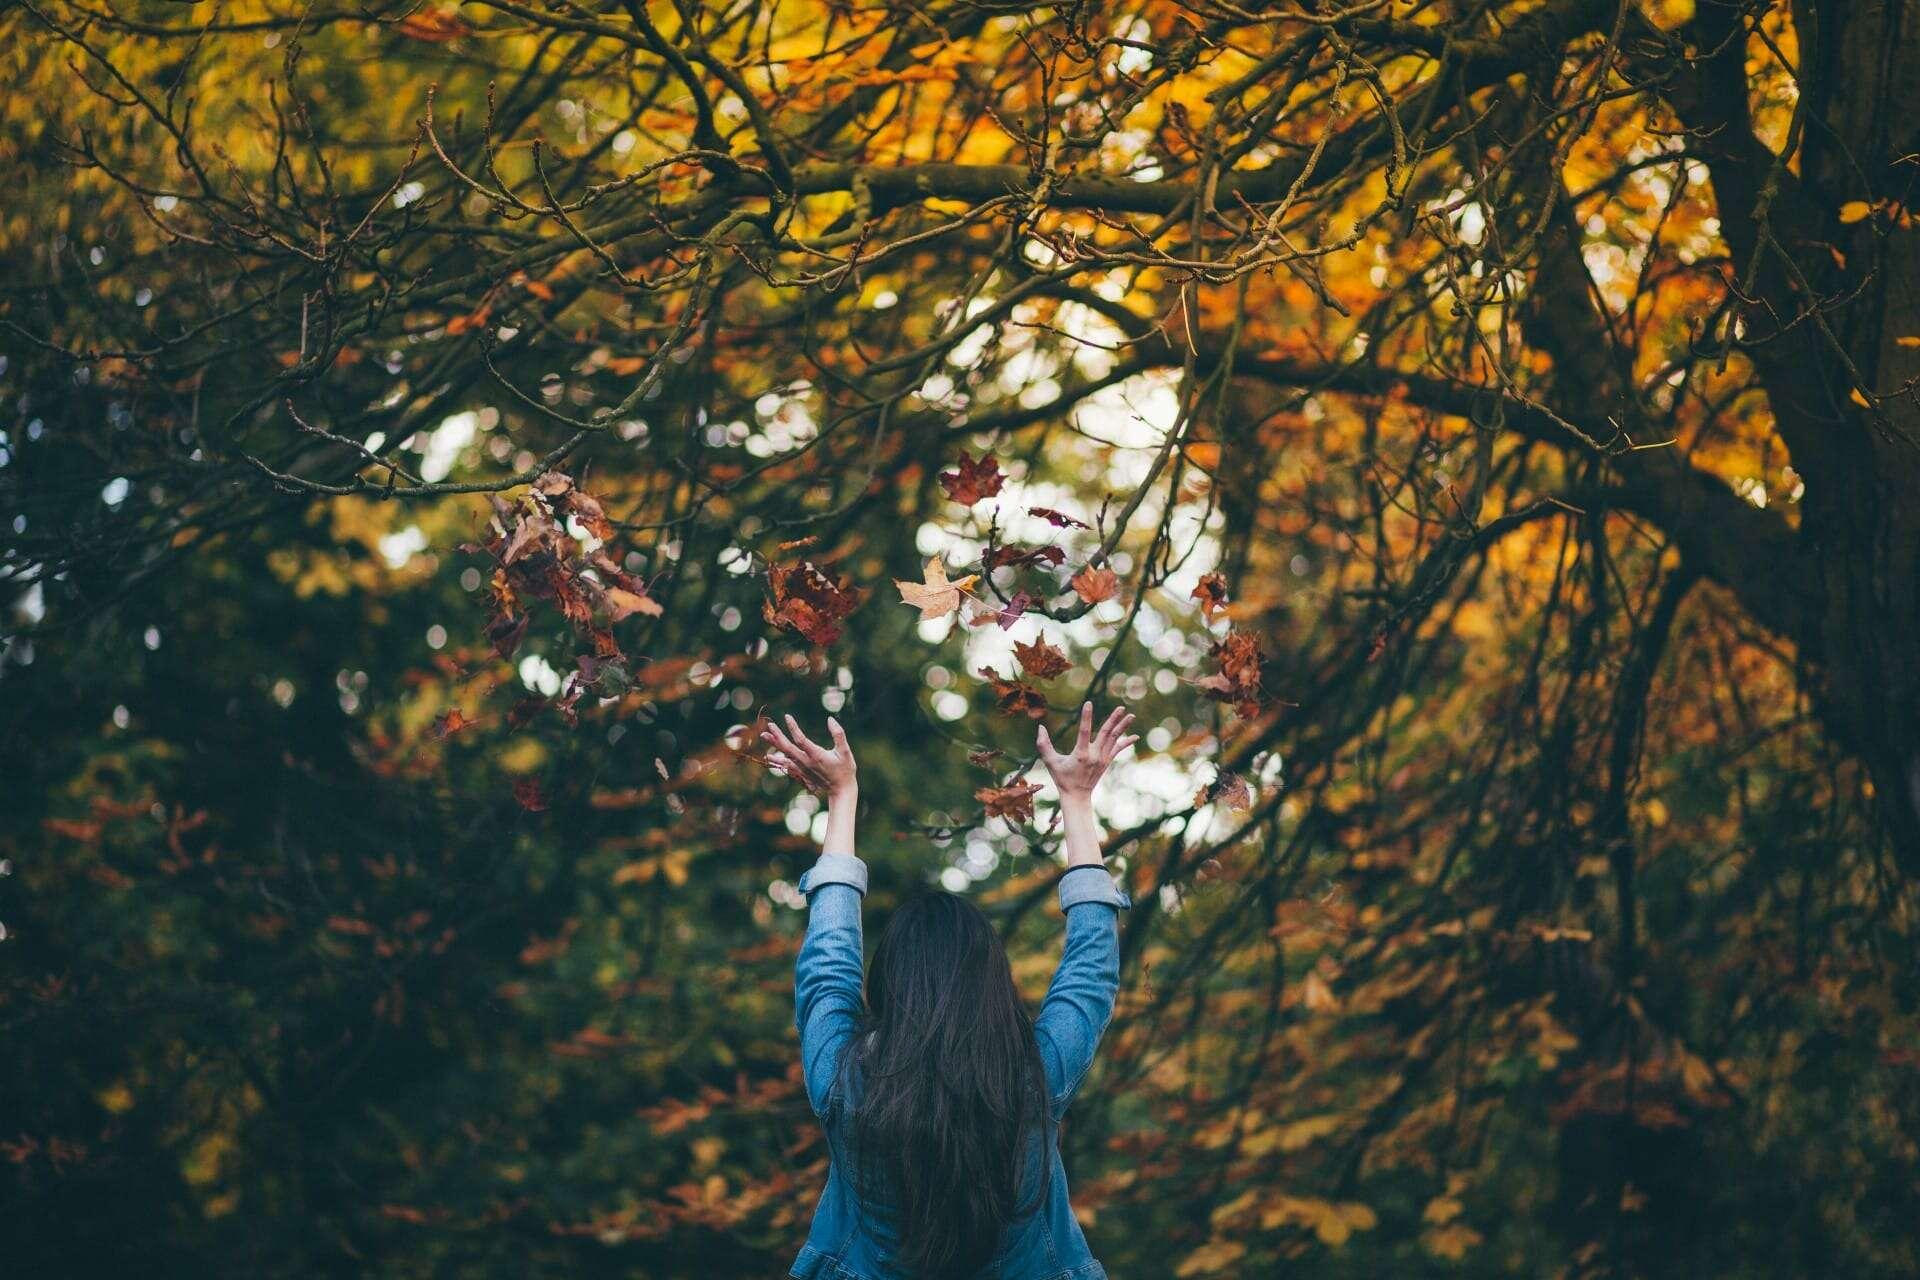 Stunning autumn staycations